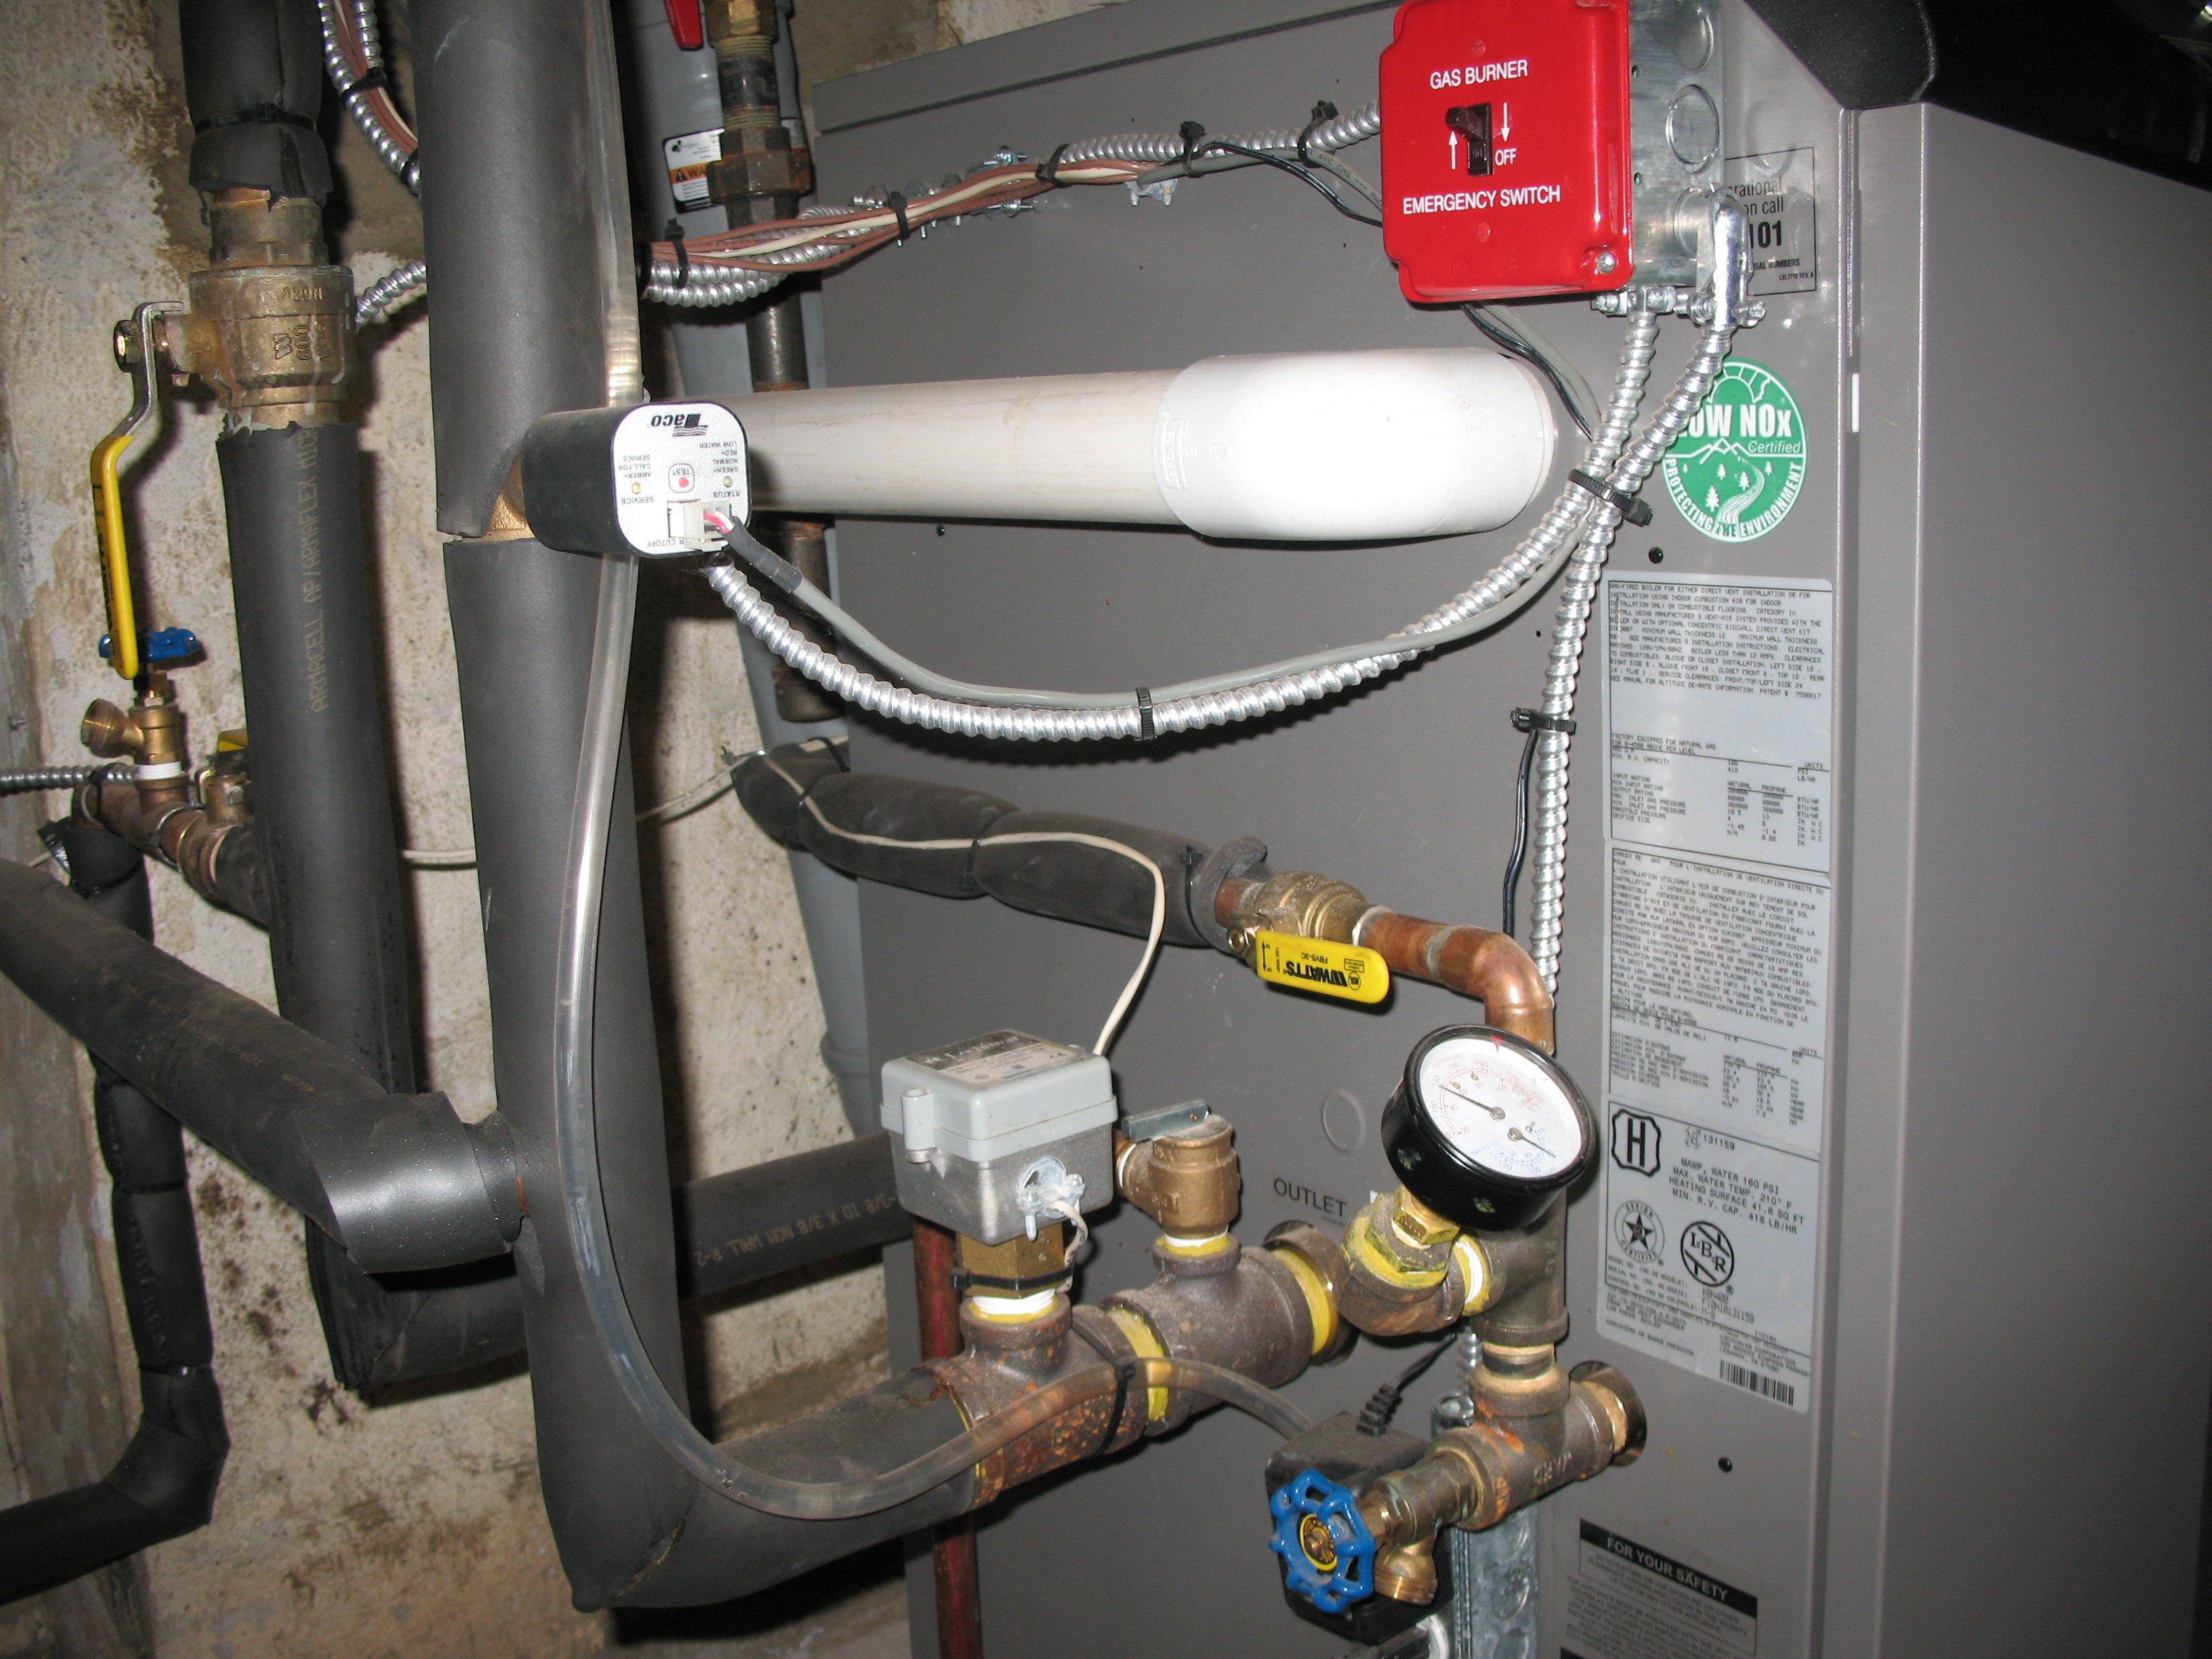 Munchkin Boiler Piping Diagrams Electrical Wiring Diagram Reznor Water